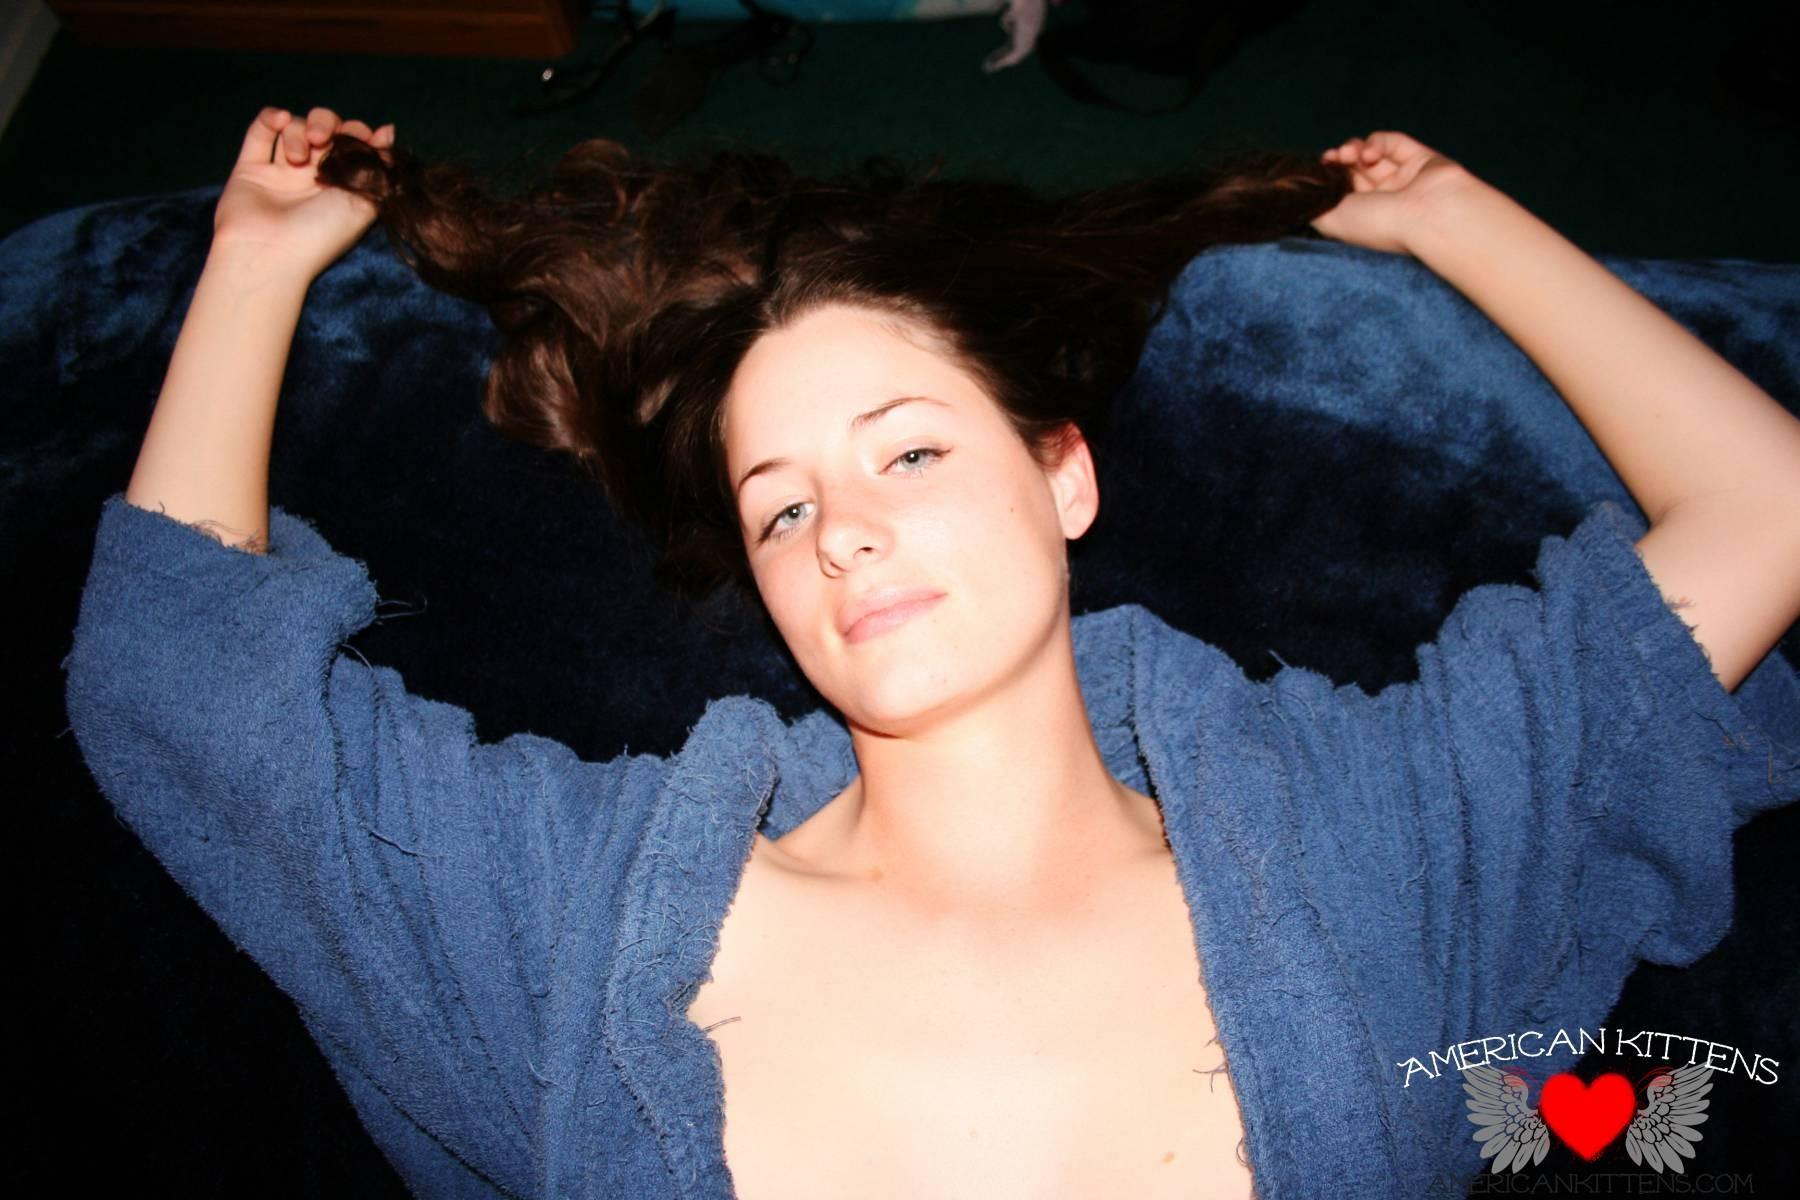 Девушка в халате на голое тело, слегка приоткрывает свои груди